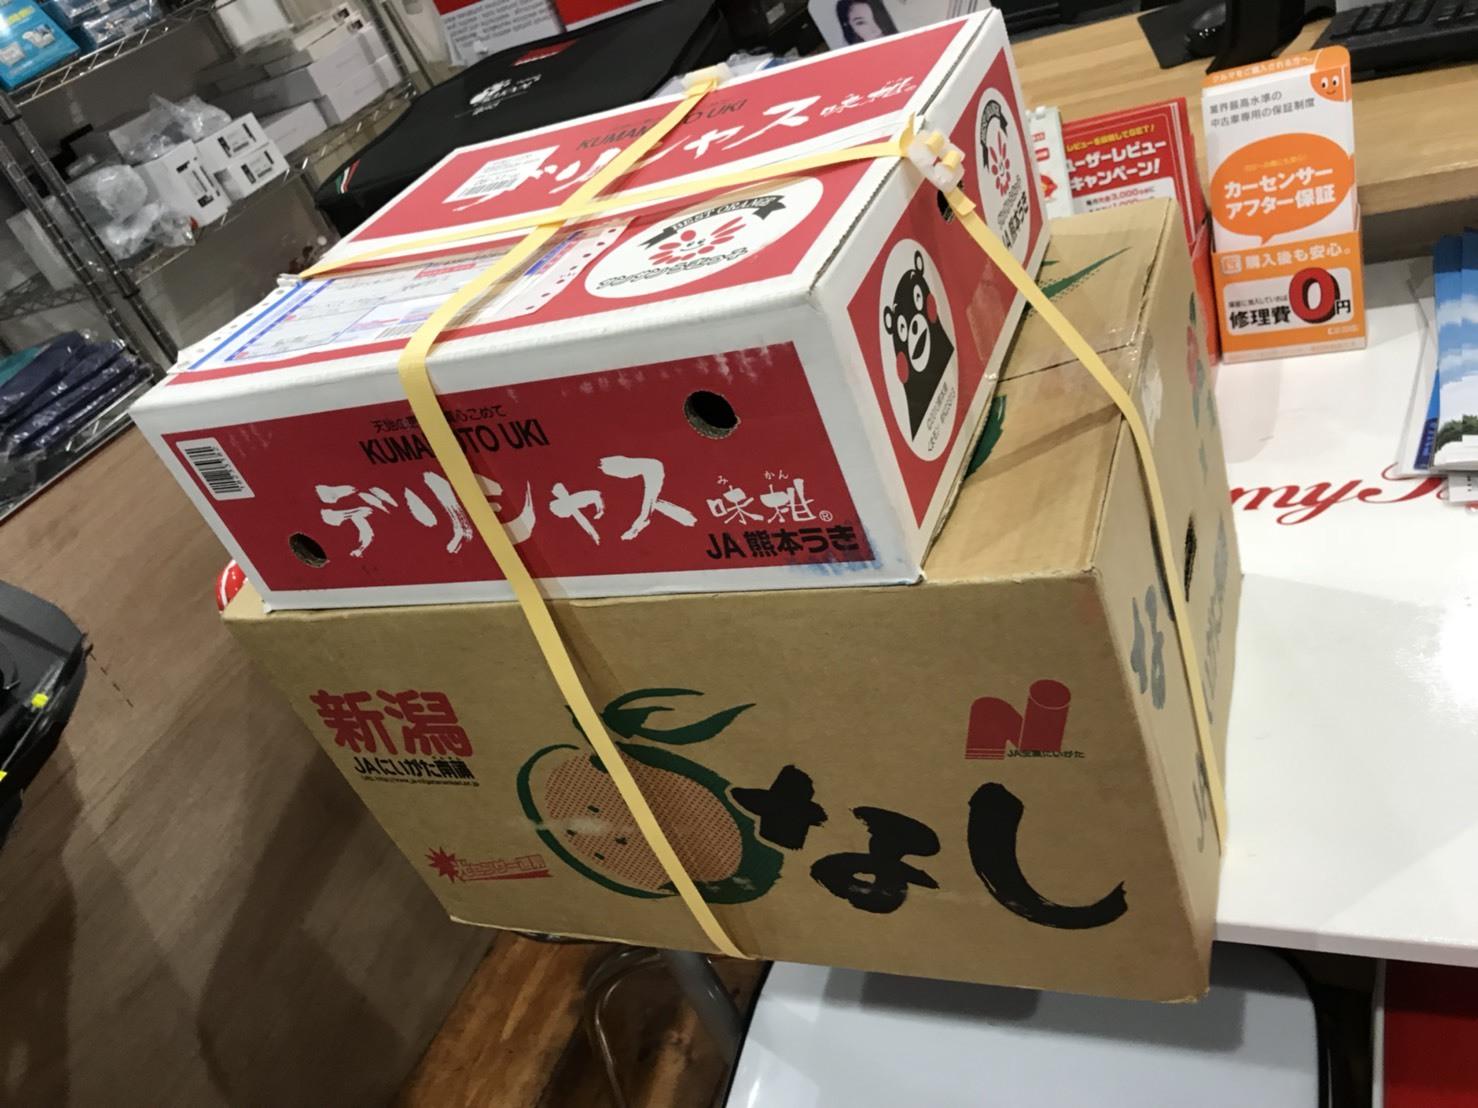 12月25(月)トミーベース カスタムブログ☆ナビゲーター ハマーH2 デリカ納車☆_b0127002_12403115.jpg